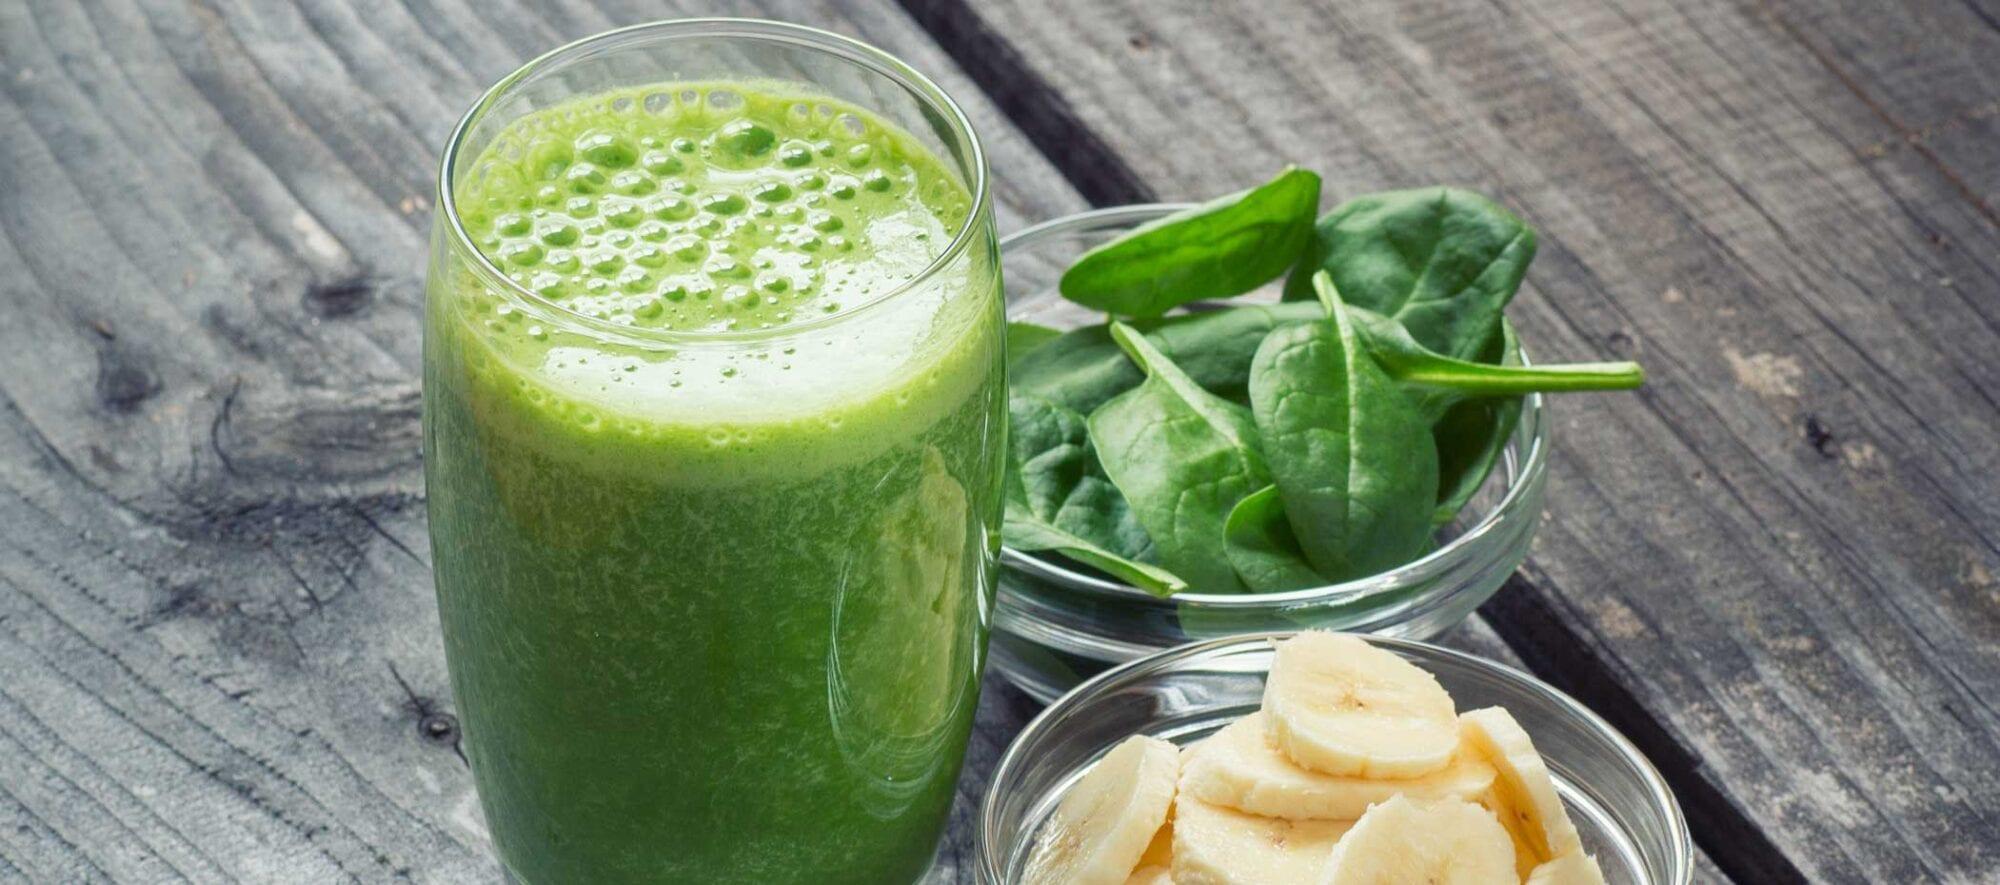 Grøn morgenmadssmoothie med spinat og banan